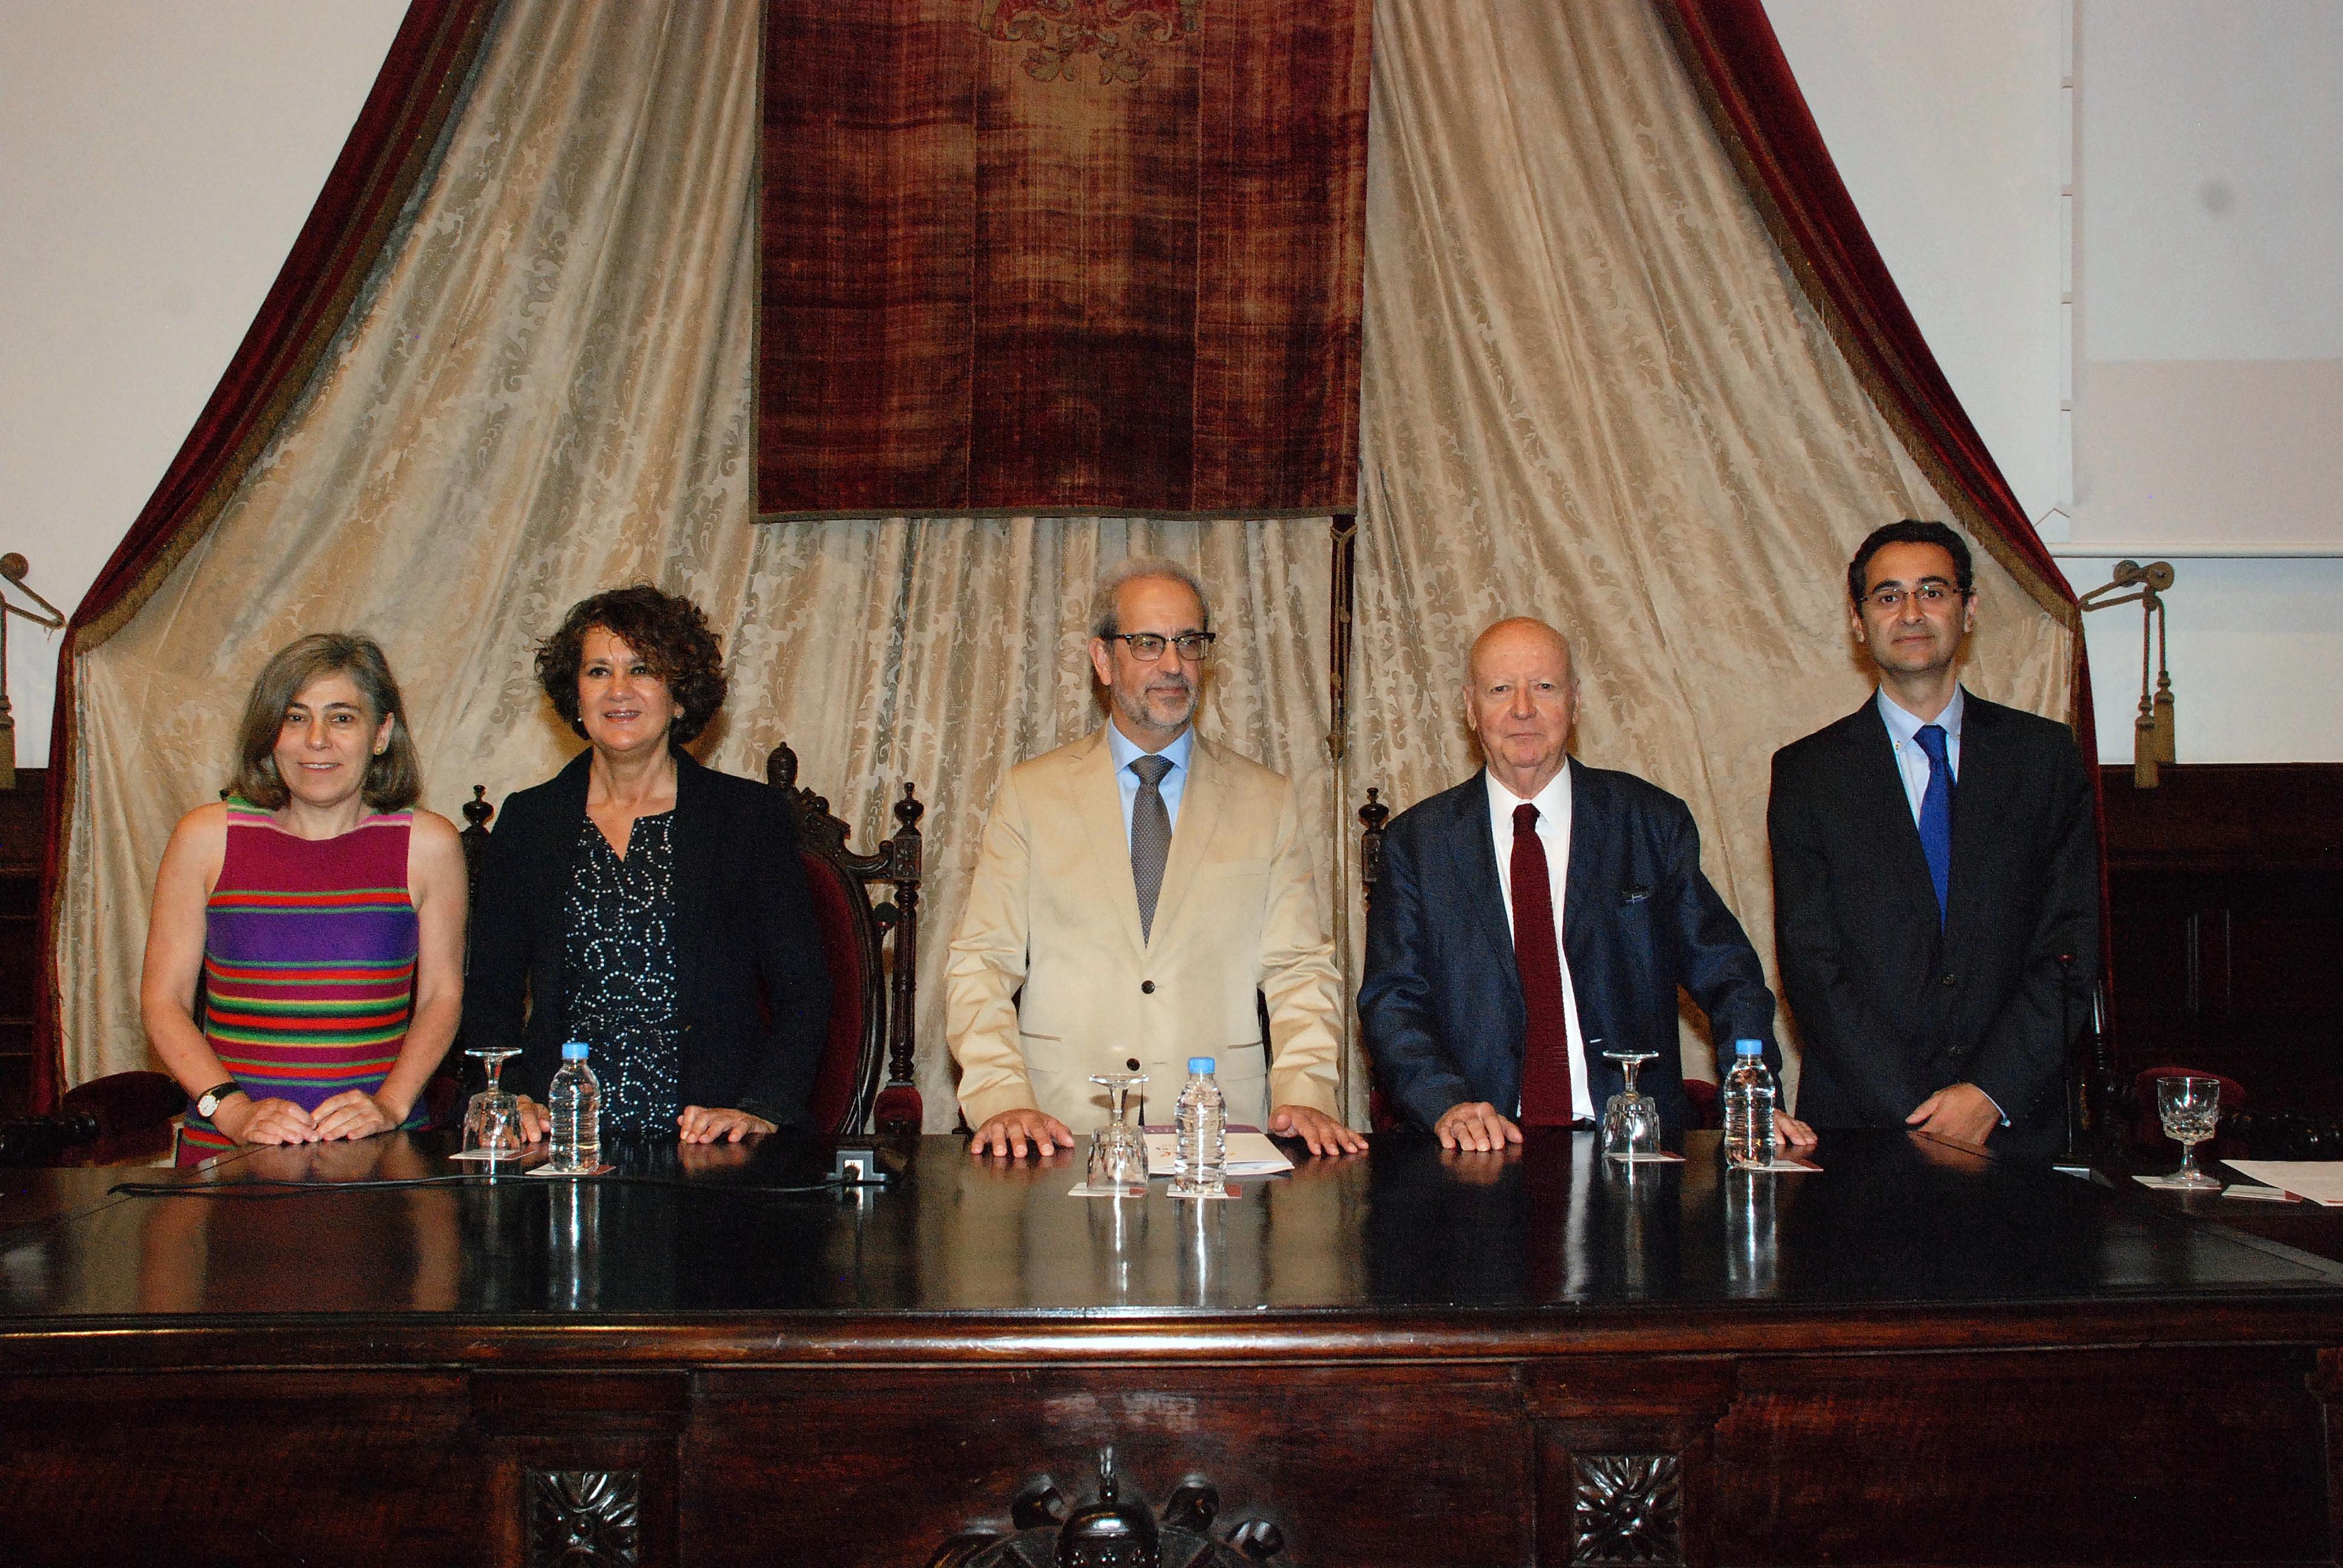 El Premio Cervantes Jorge Edwards impartirá la conferencia inaugural de los Cursos Internacionales de Lengua y Cultura Españolas